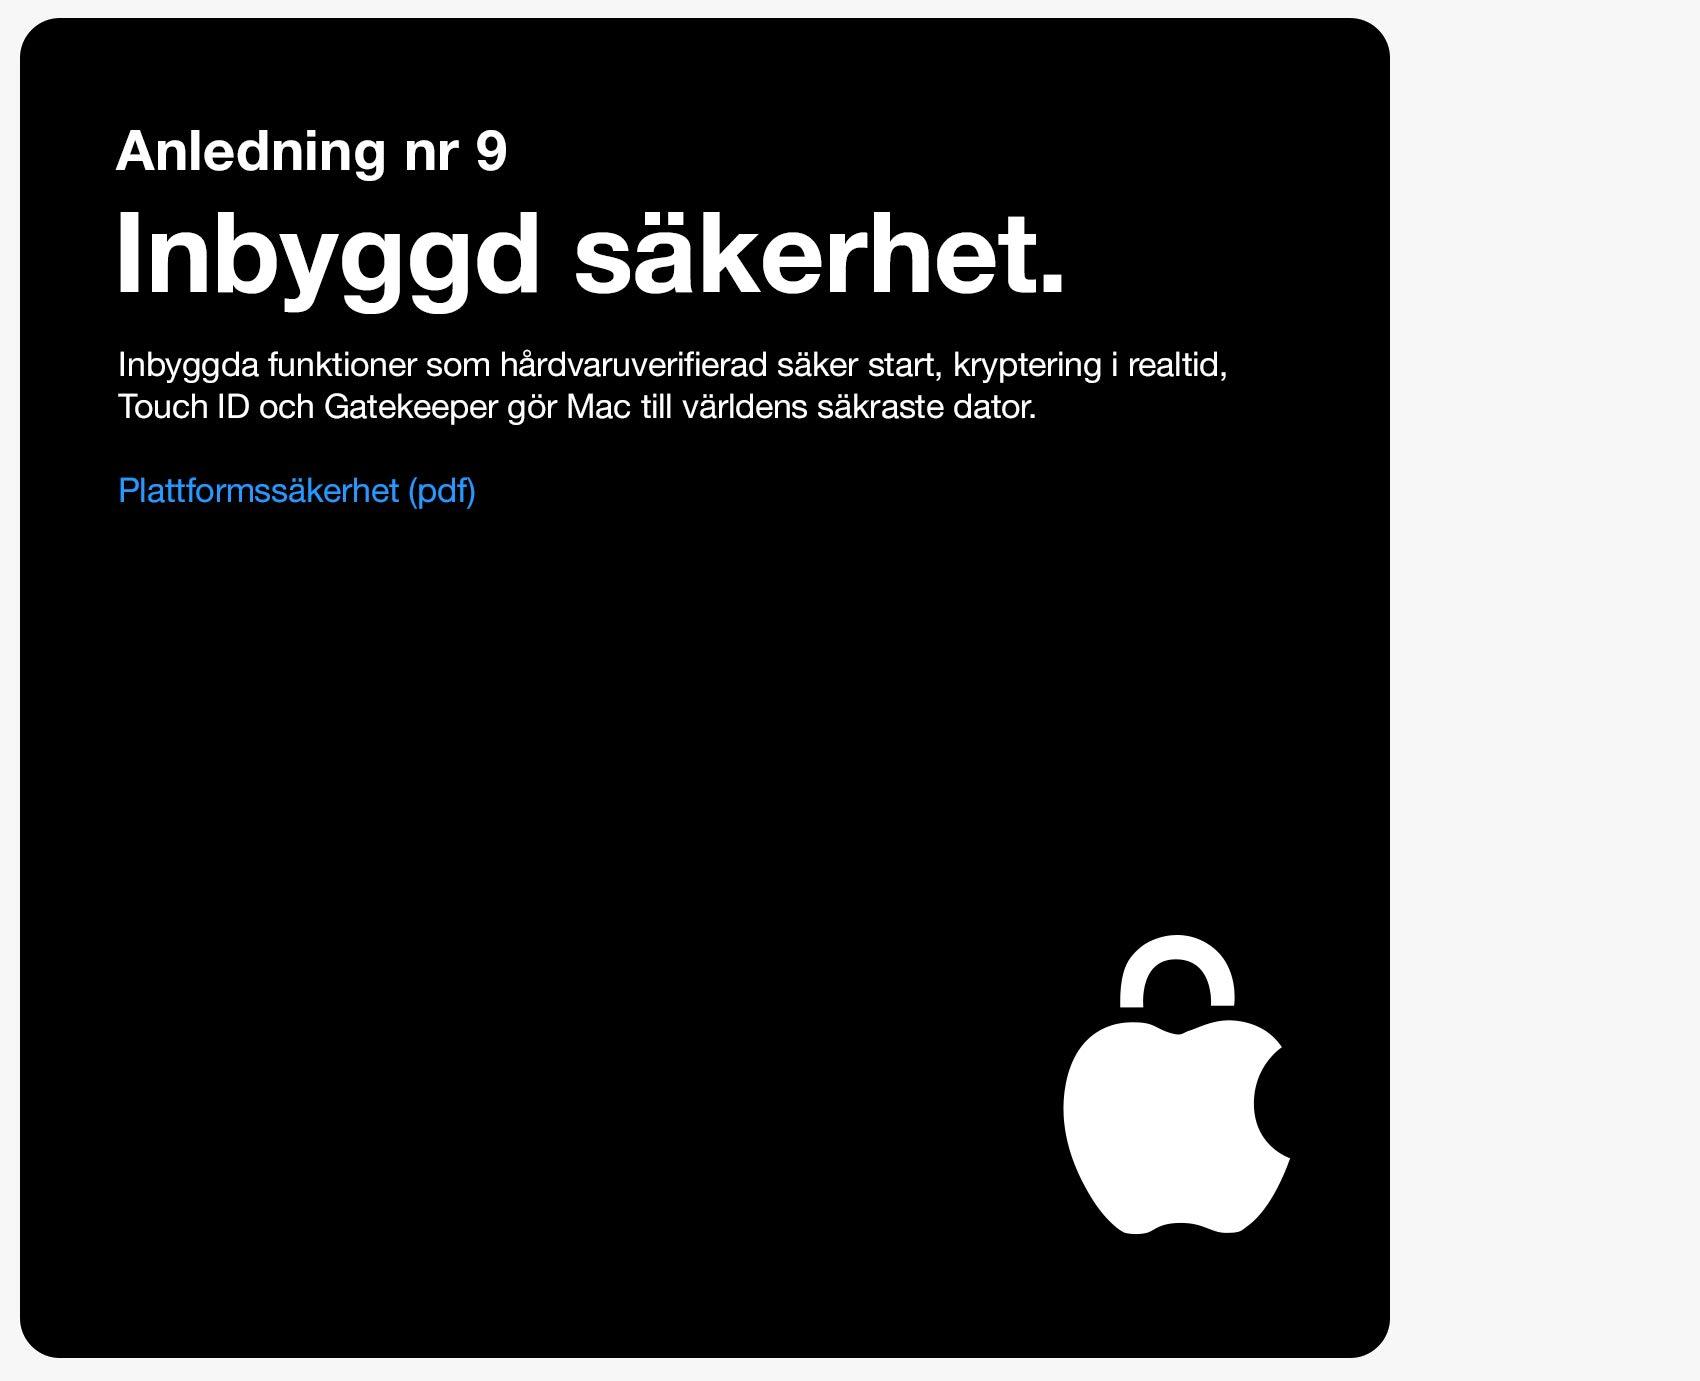 Anledning 9. Inbyggd säkerhet. Inbyggda funktioner som hårdvaruverifierad säker start, kryptering i realtid, Touch ID och Gatekeeper gör Mac till världens säkraste dator.